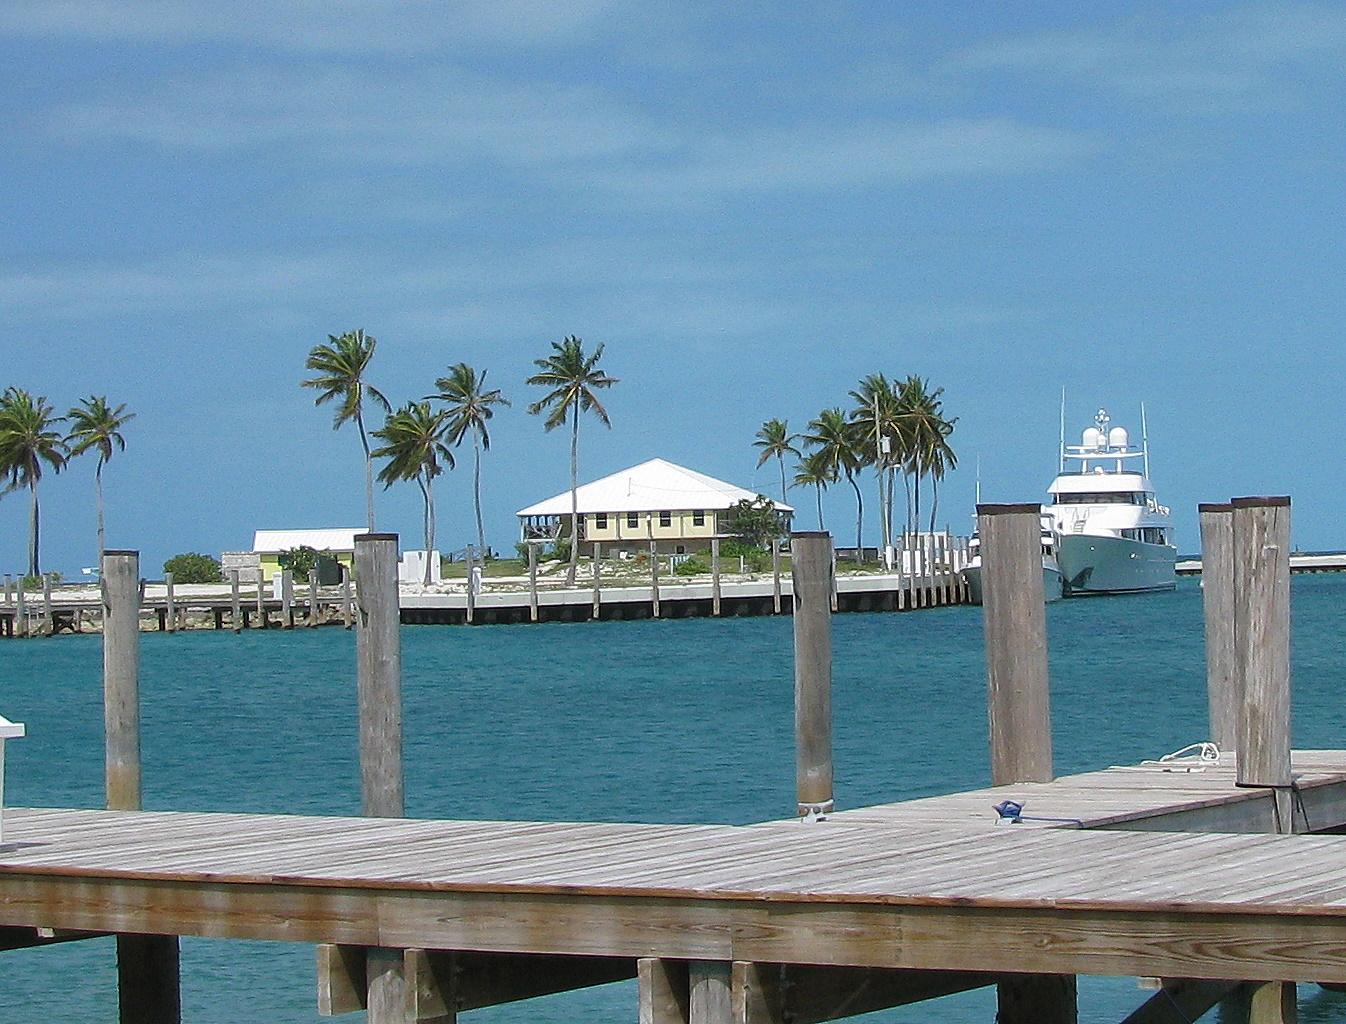 Noleggio Barche Cape Eleuthera - Navalia | Noleggia un Sogno